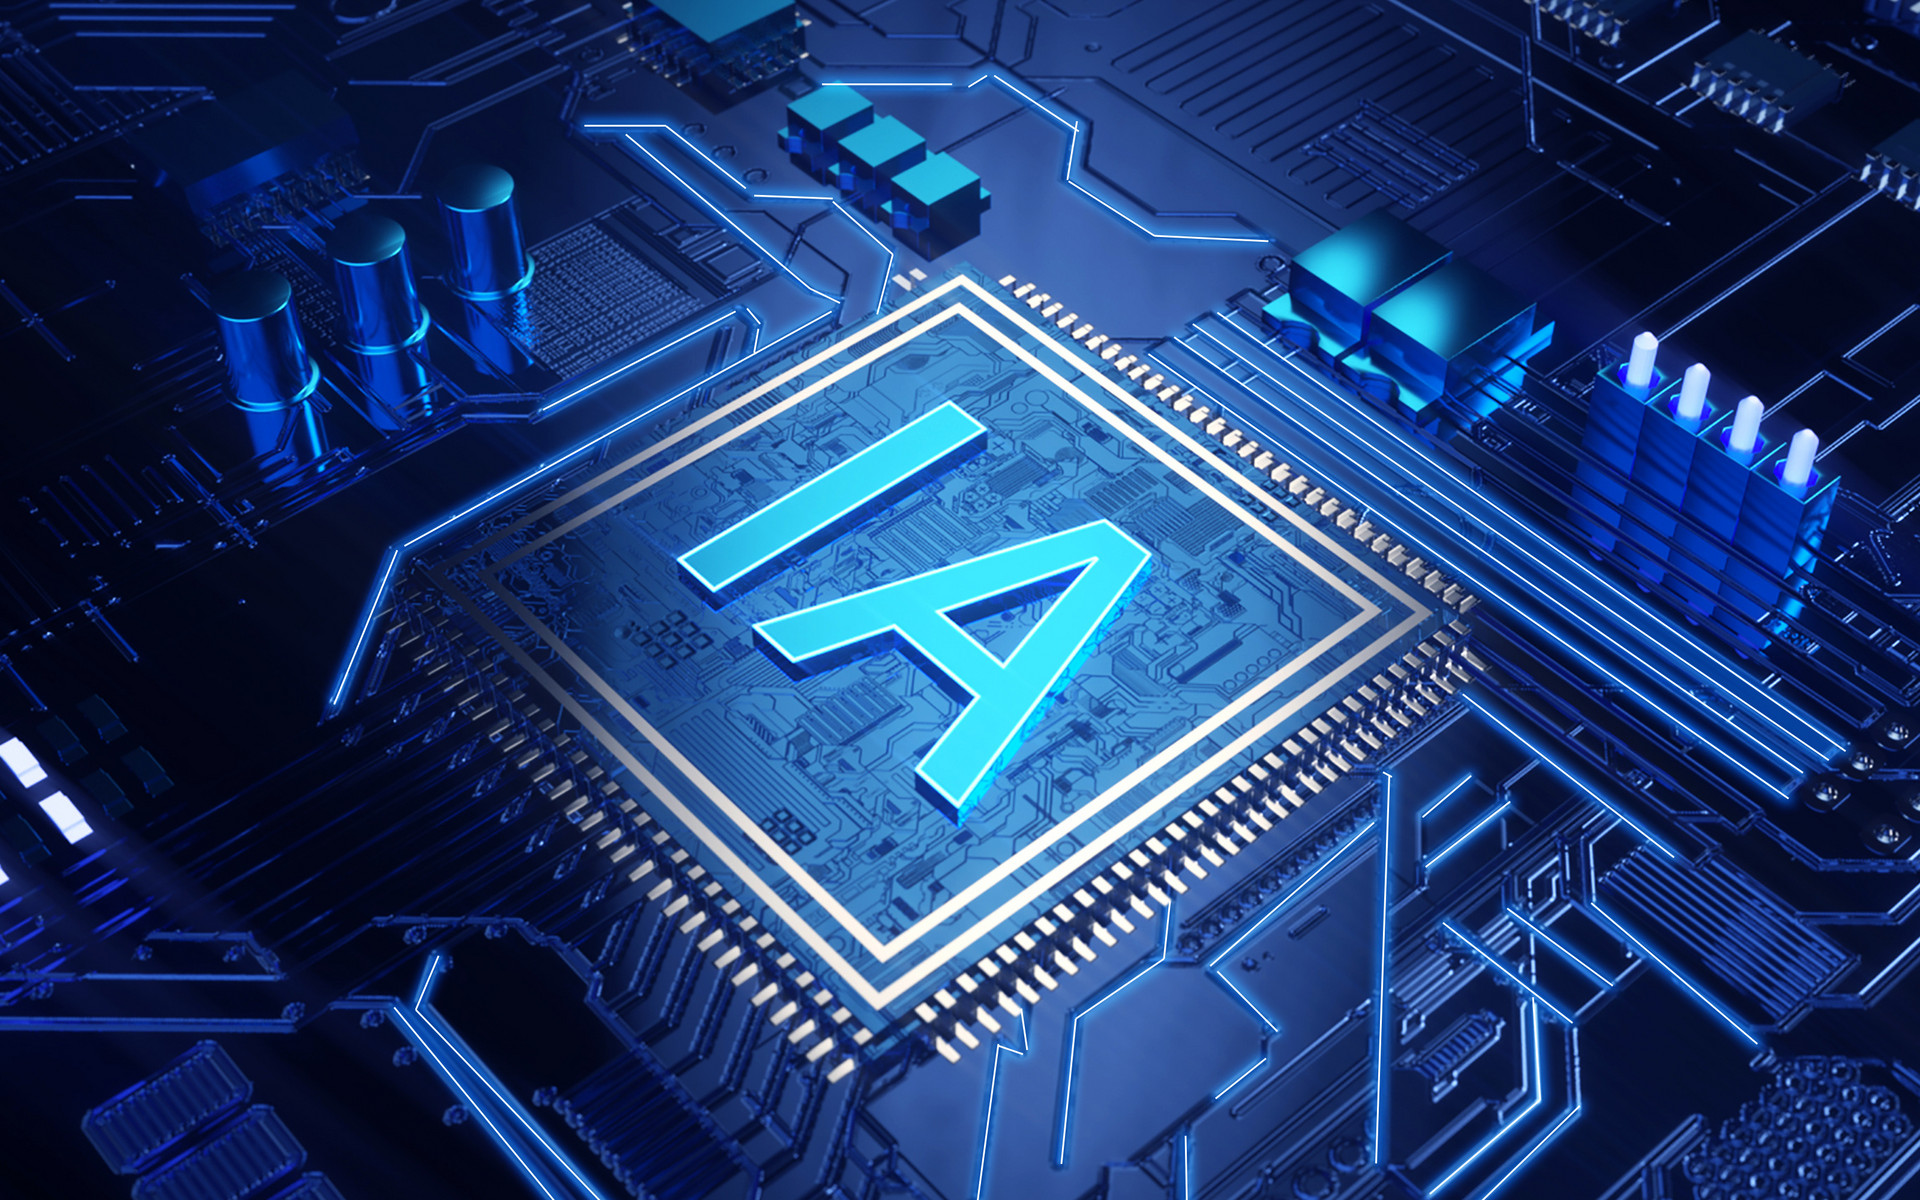 重磅发布全球最快AI训练集群Atlas 900!华为胡厚��:开拓计算产业大航海